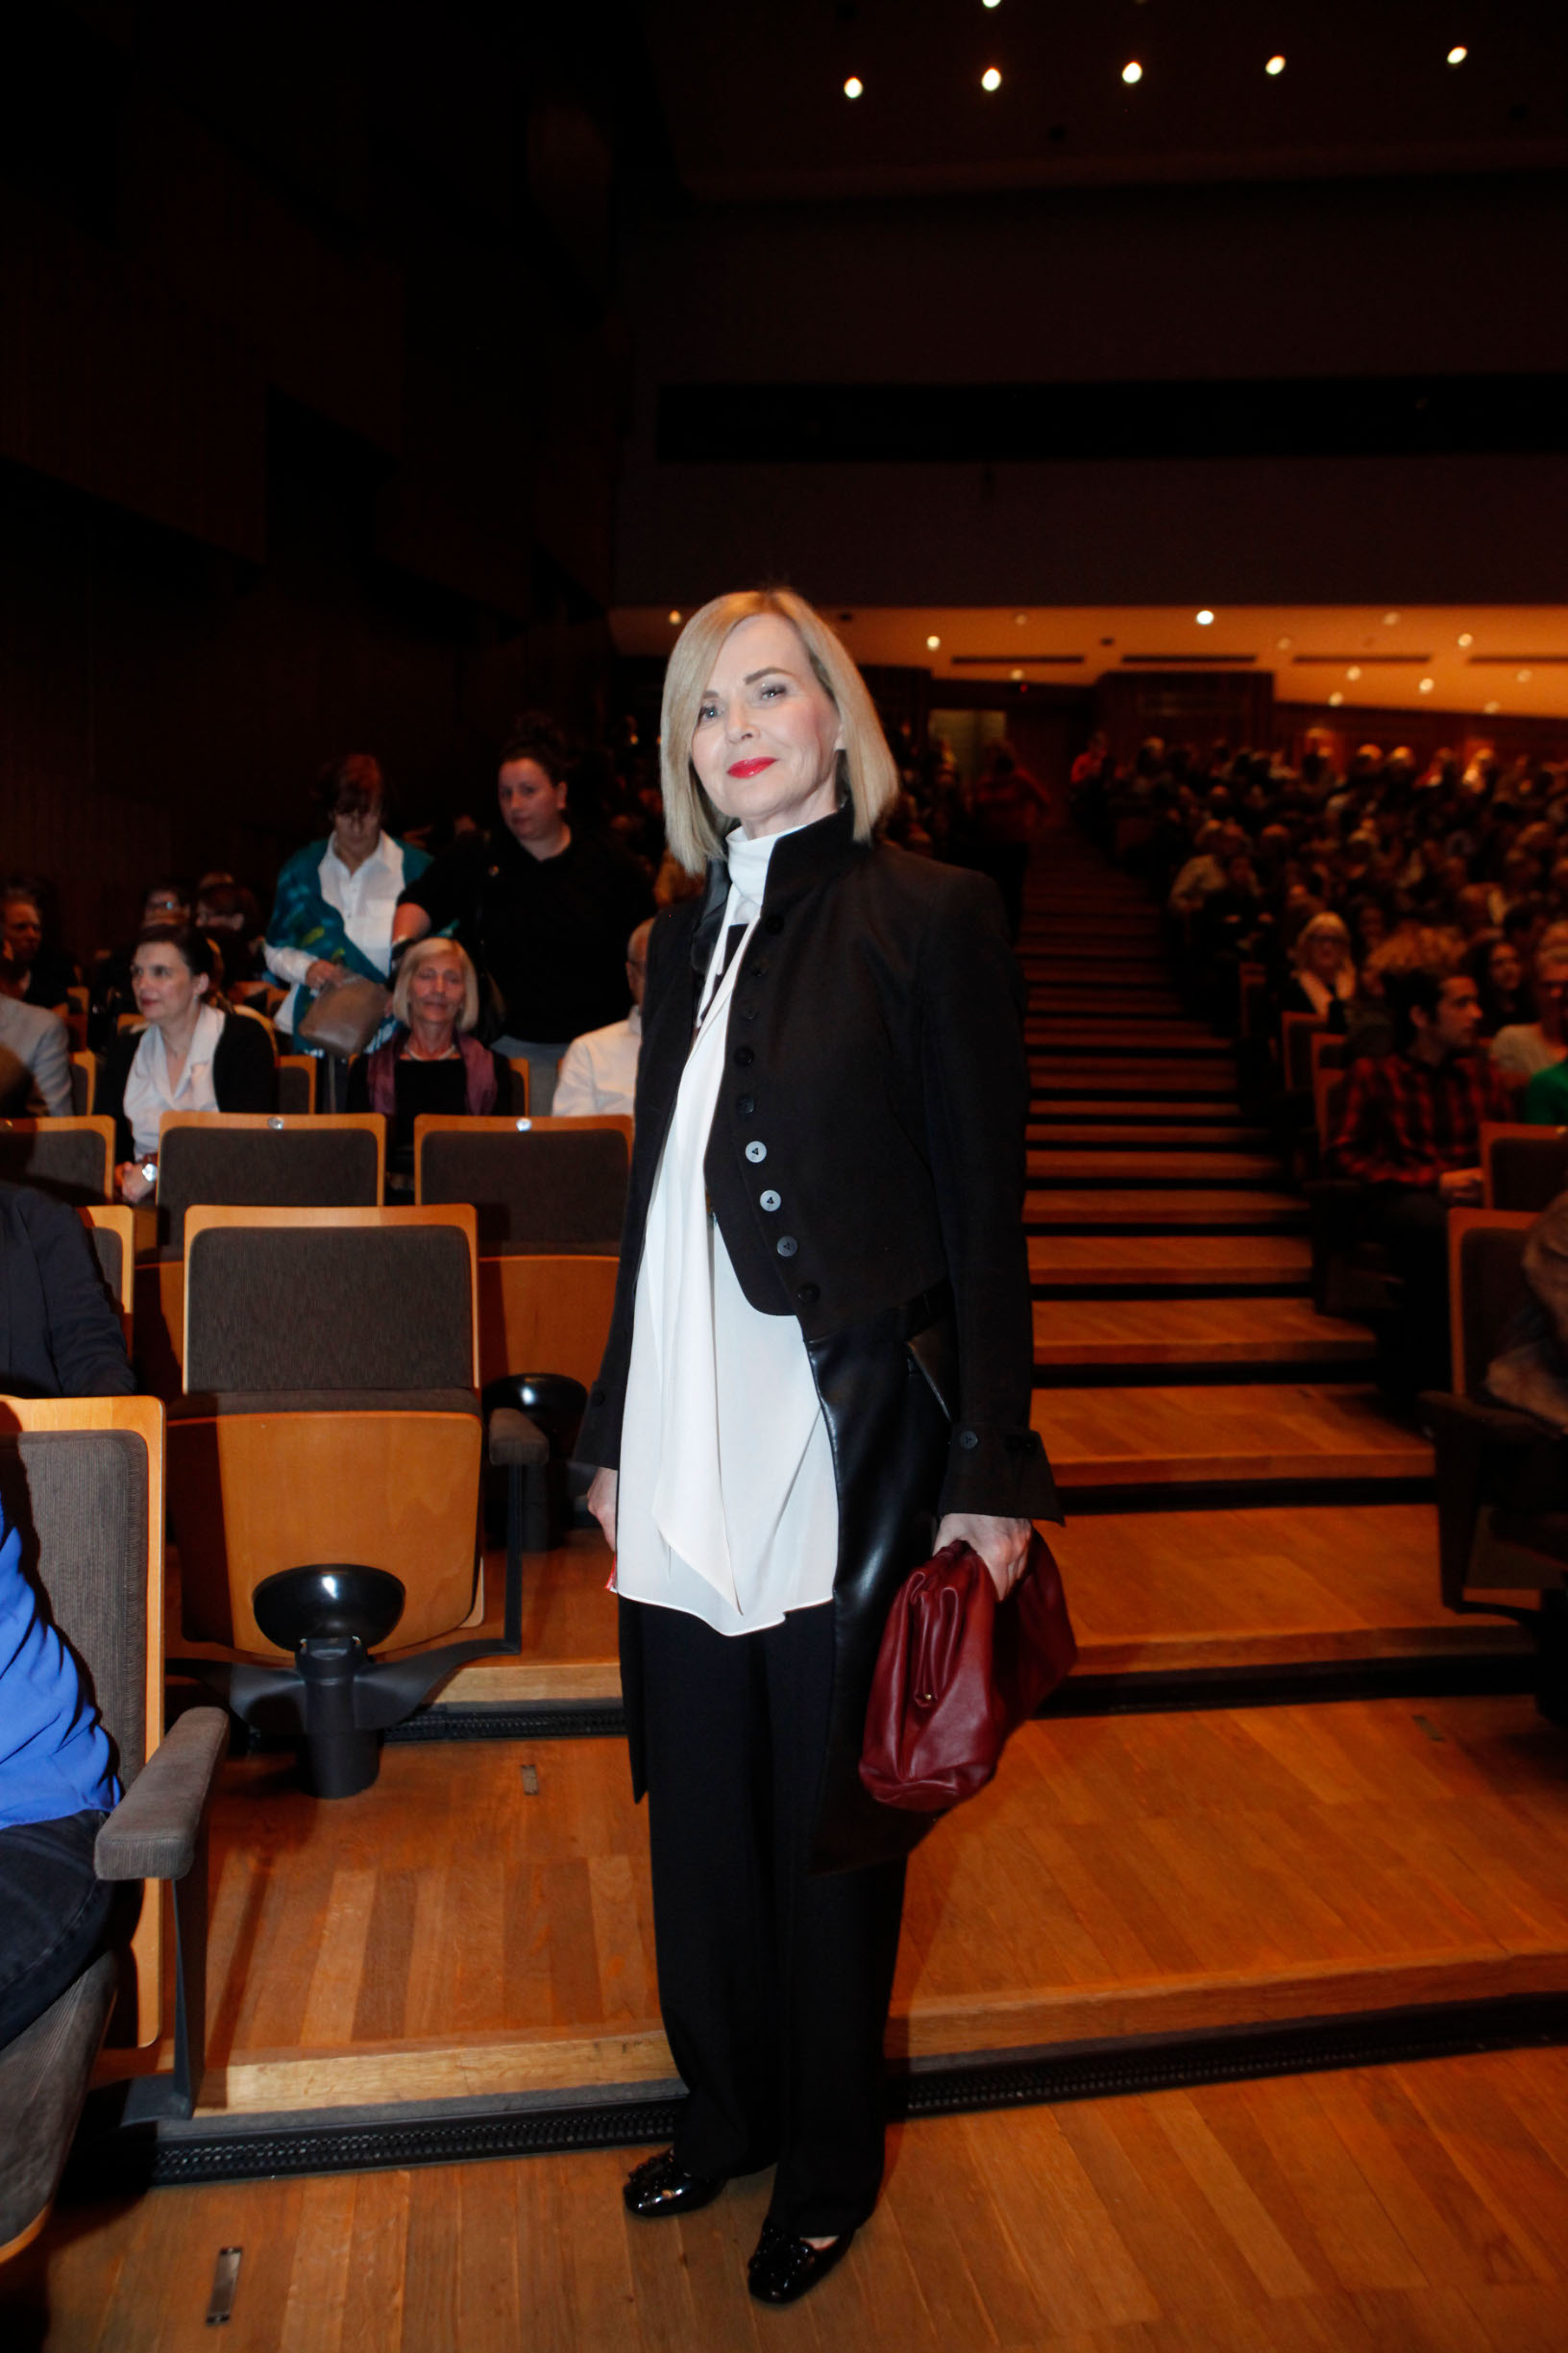 Zagrebacka premijera filma Dnevnik Diane Budisavljevic / Lisinski / Zagreb 02.10.2019. / foto: Maja Jurovic /